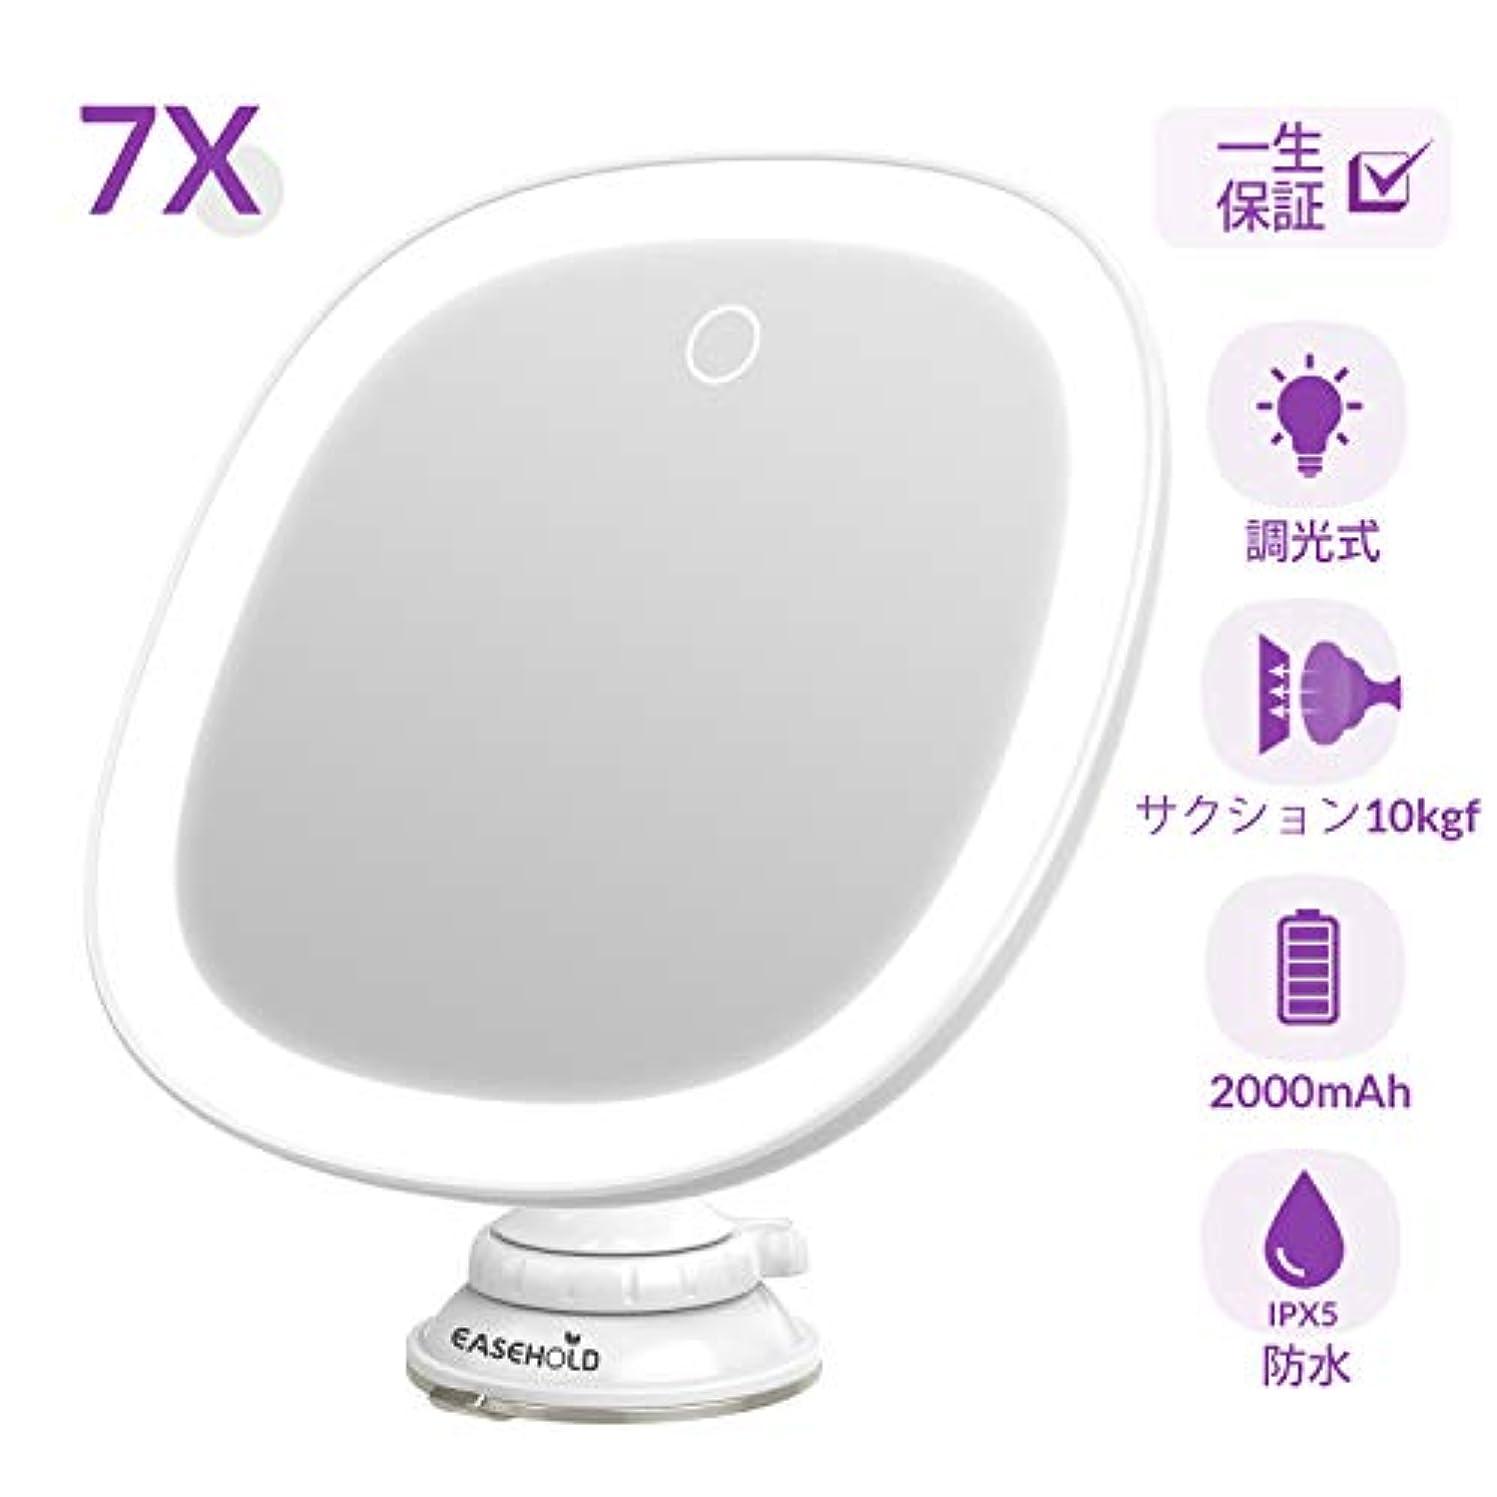 コンテストロンドンどちらかEasehold 7倍拡大鏡 LED化粧鏡 浴室鏡 卓上鏡 吸盤ロック付きLEDミラー 壁掛けメイクミラー 360度回転スタンドミラー 明るさ調節可能 USB充電 IPX5防水